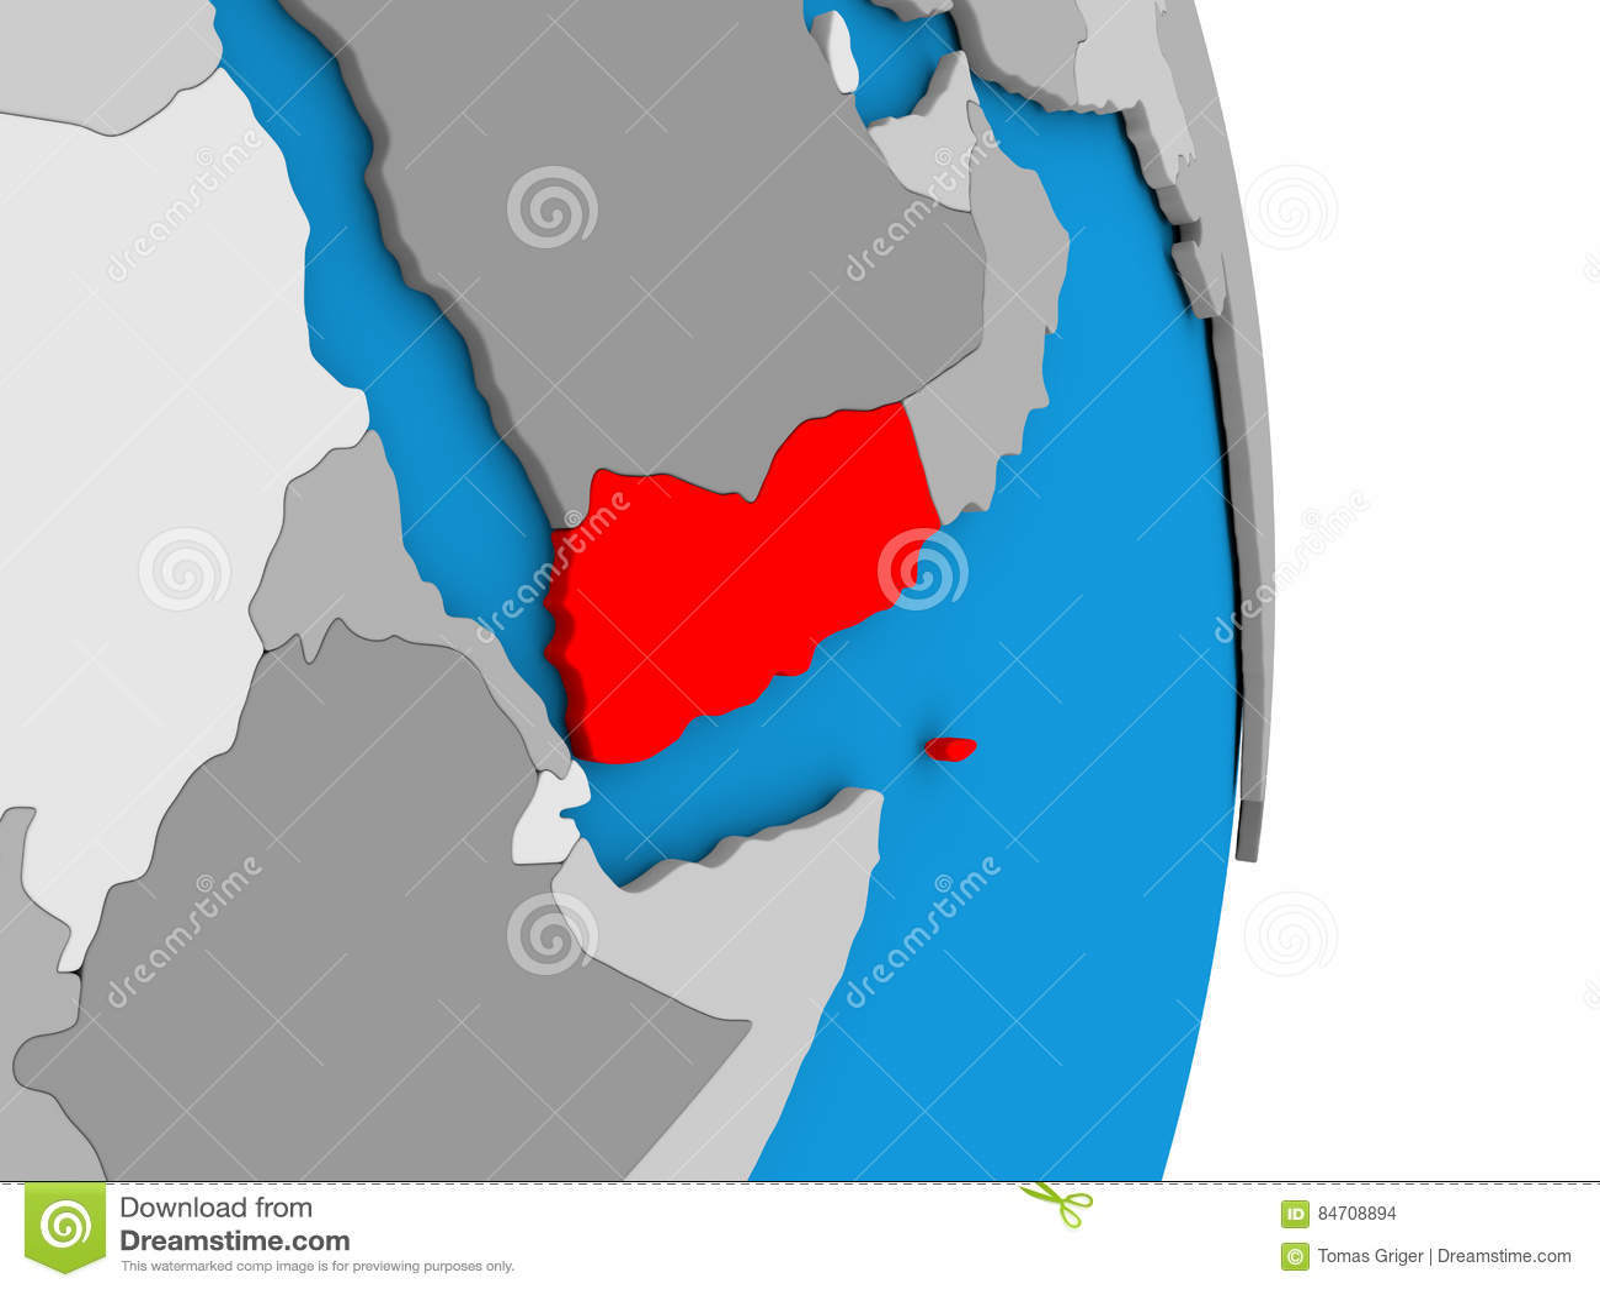 Yemen On Globe Stock Illustration Illustration Of Asia 84708894